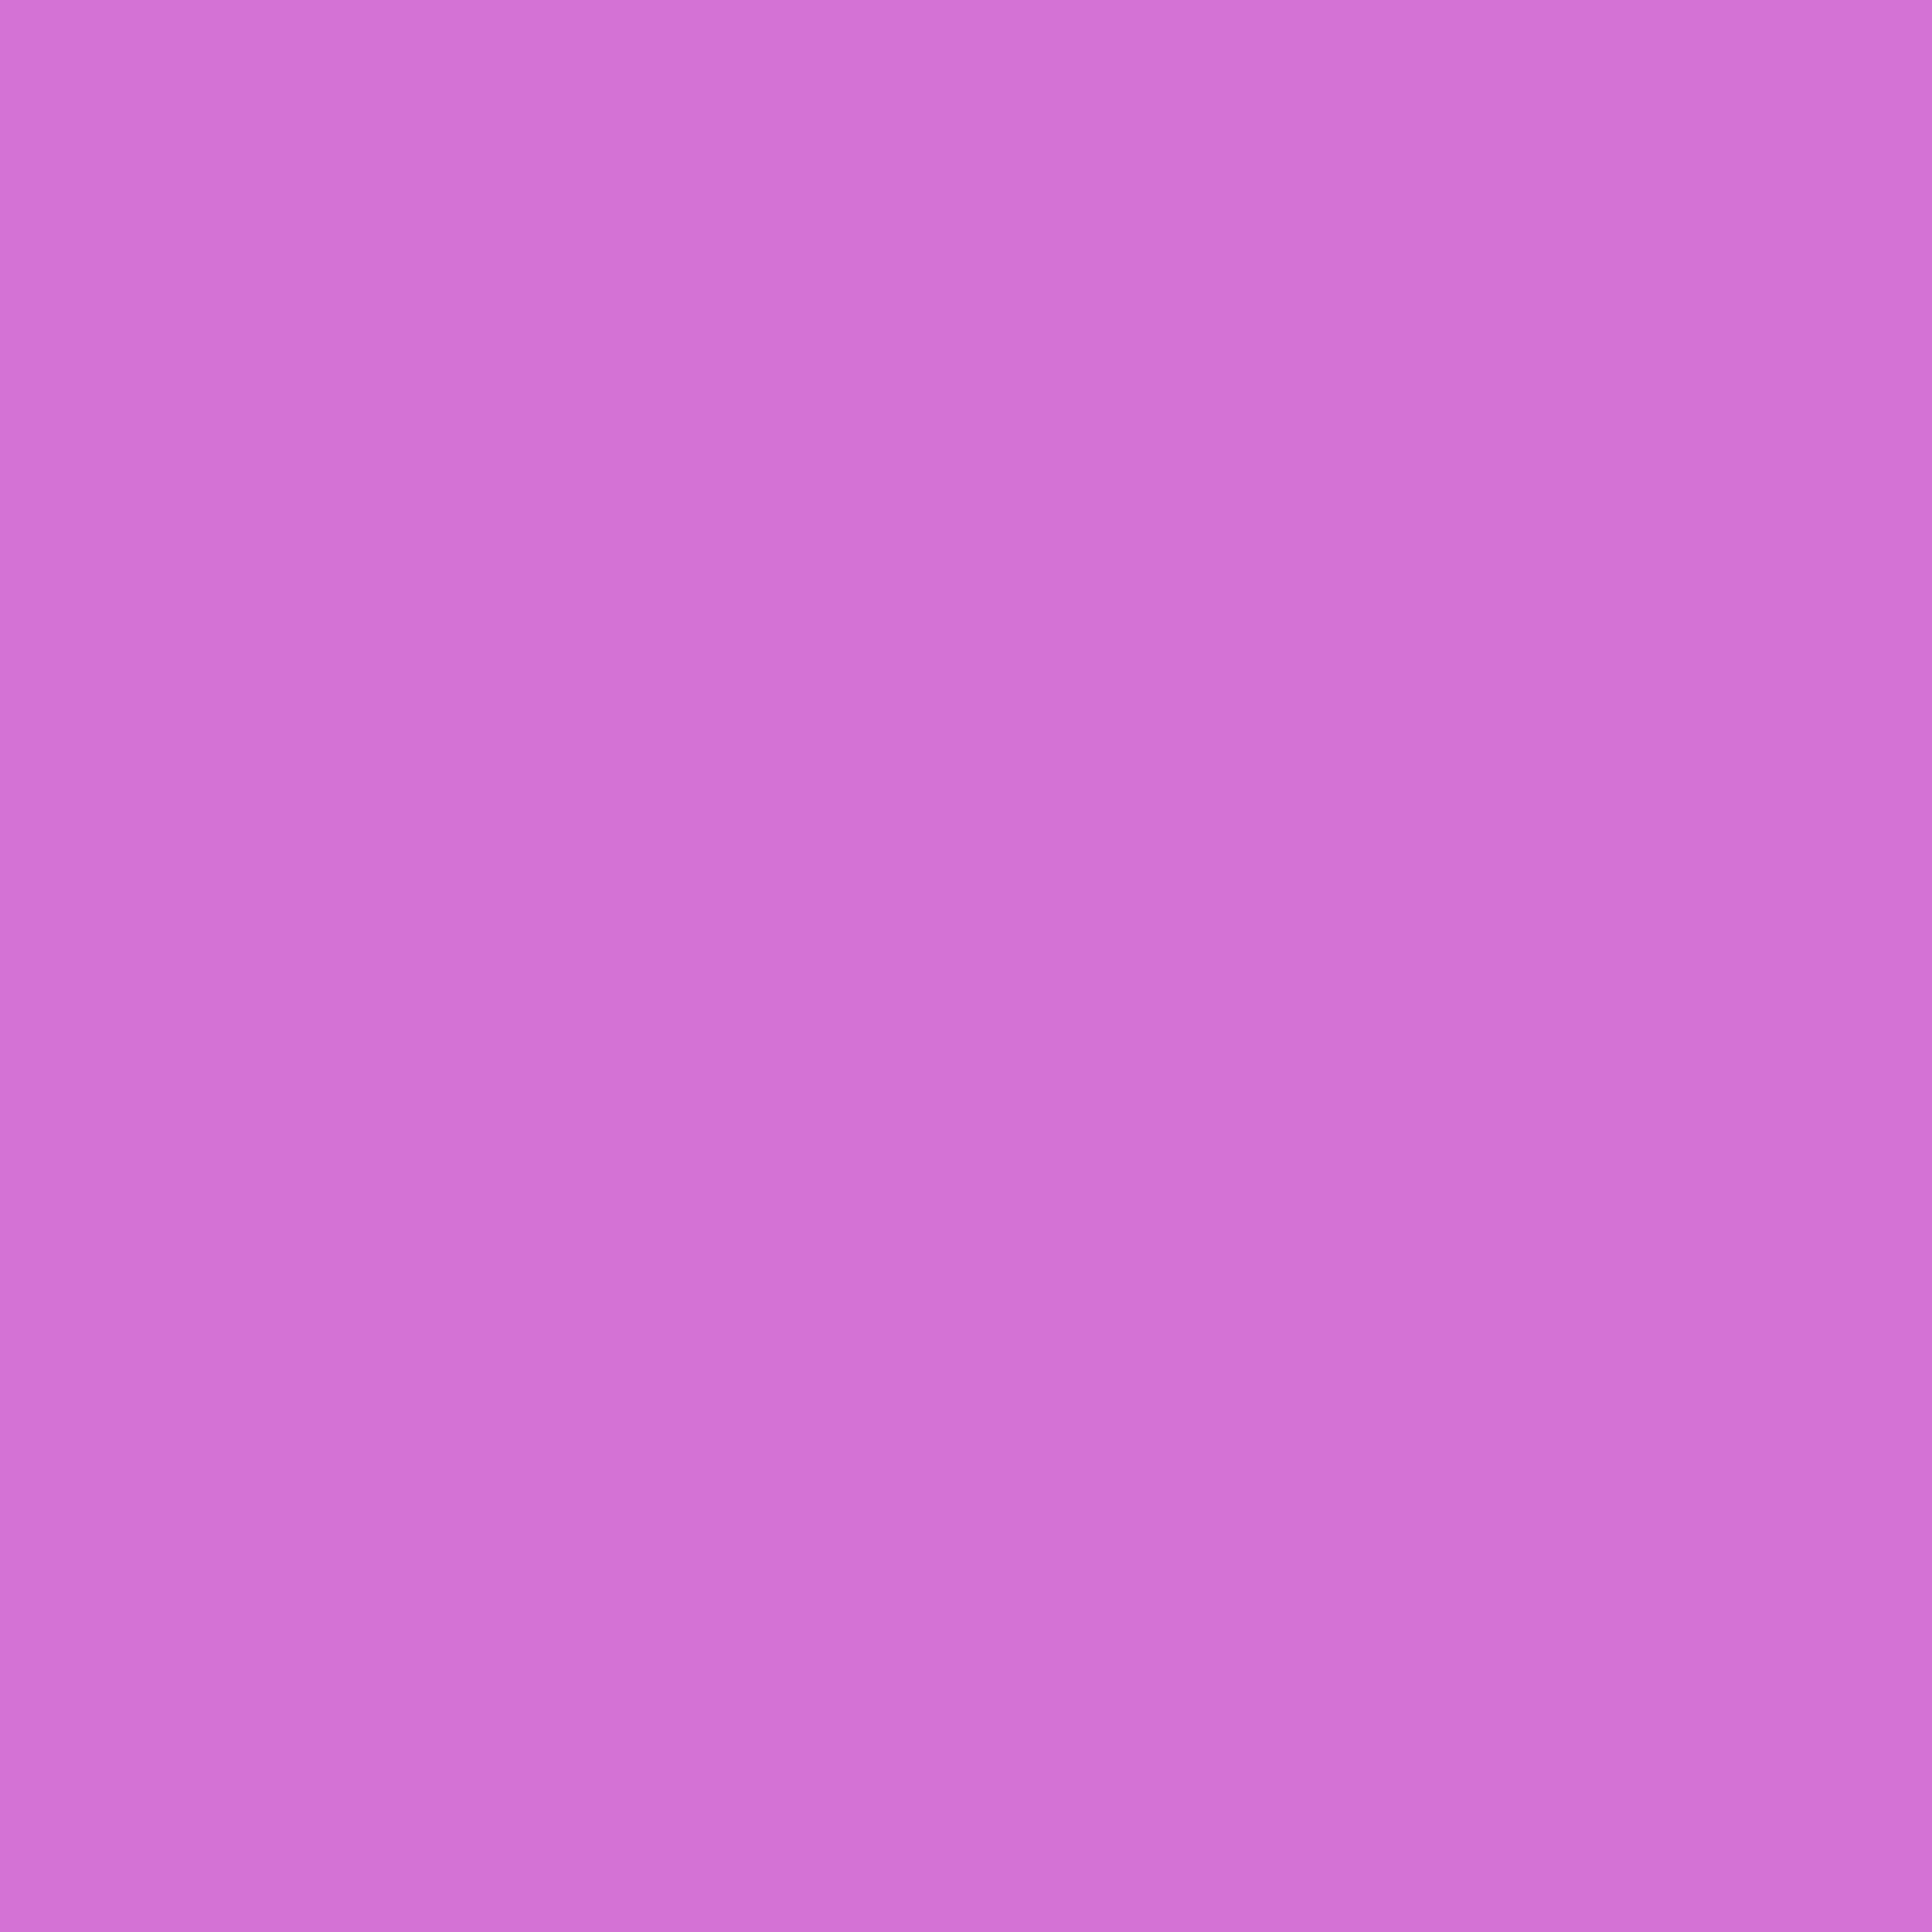 3600x3600 Deep Mauve Solid Color Background